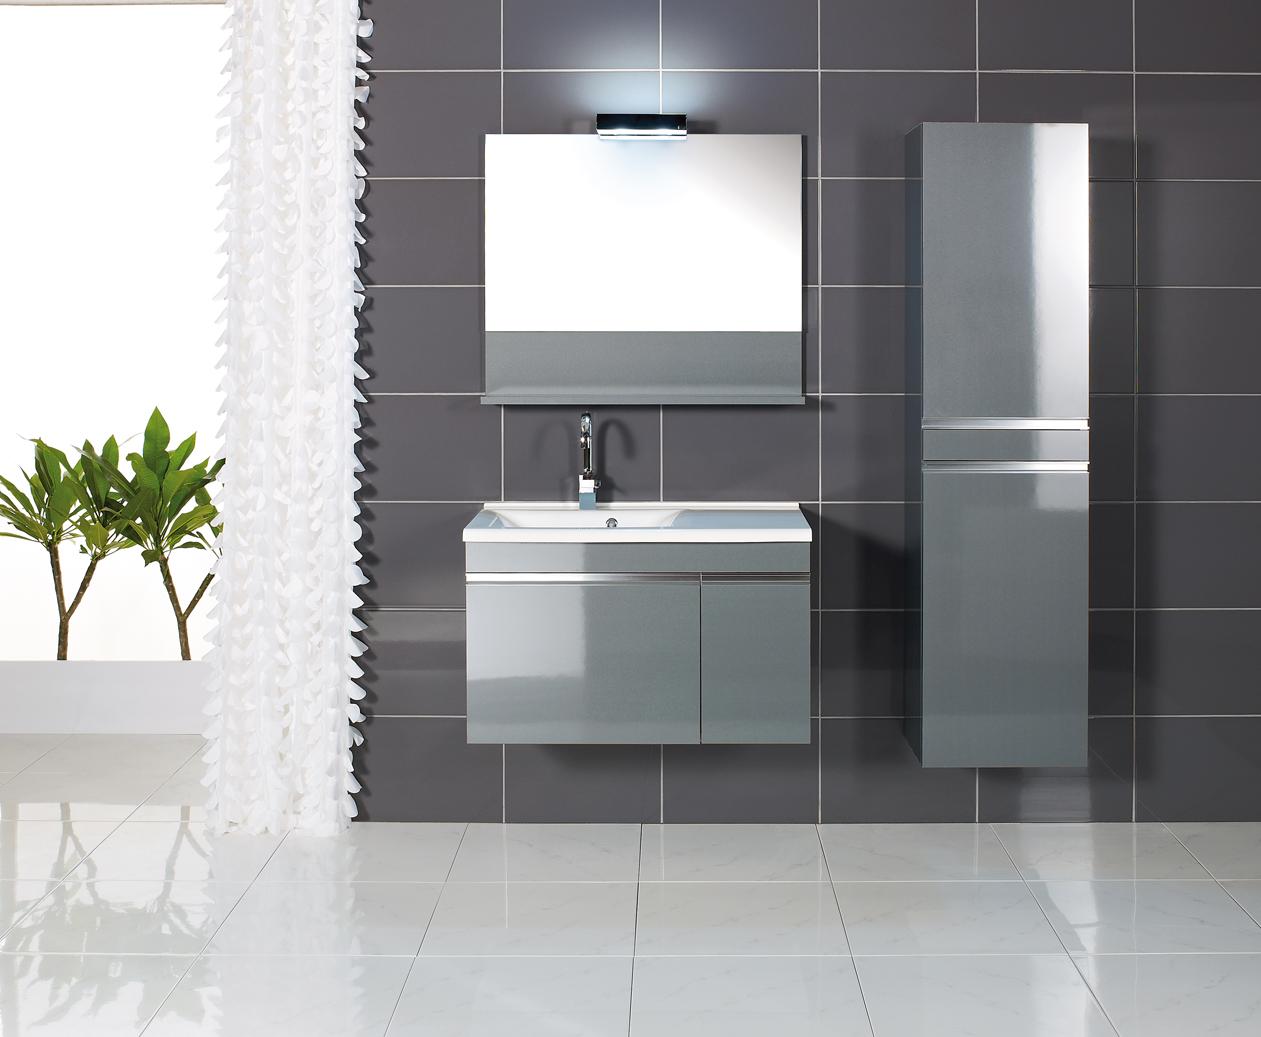 meubles moins de 100 cm duc carrelages et bains. Black Bedroom Furniture Sets. Home Design Ideas